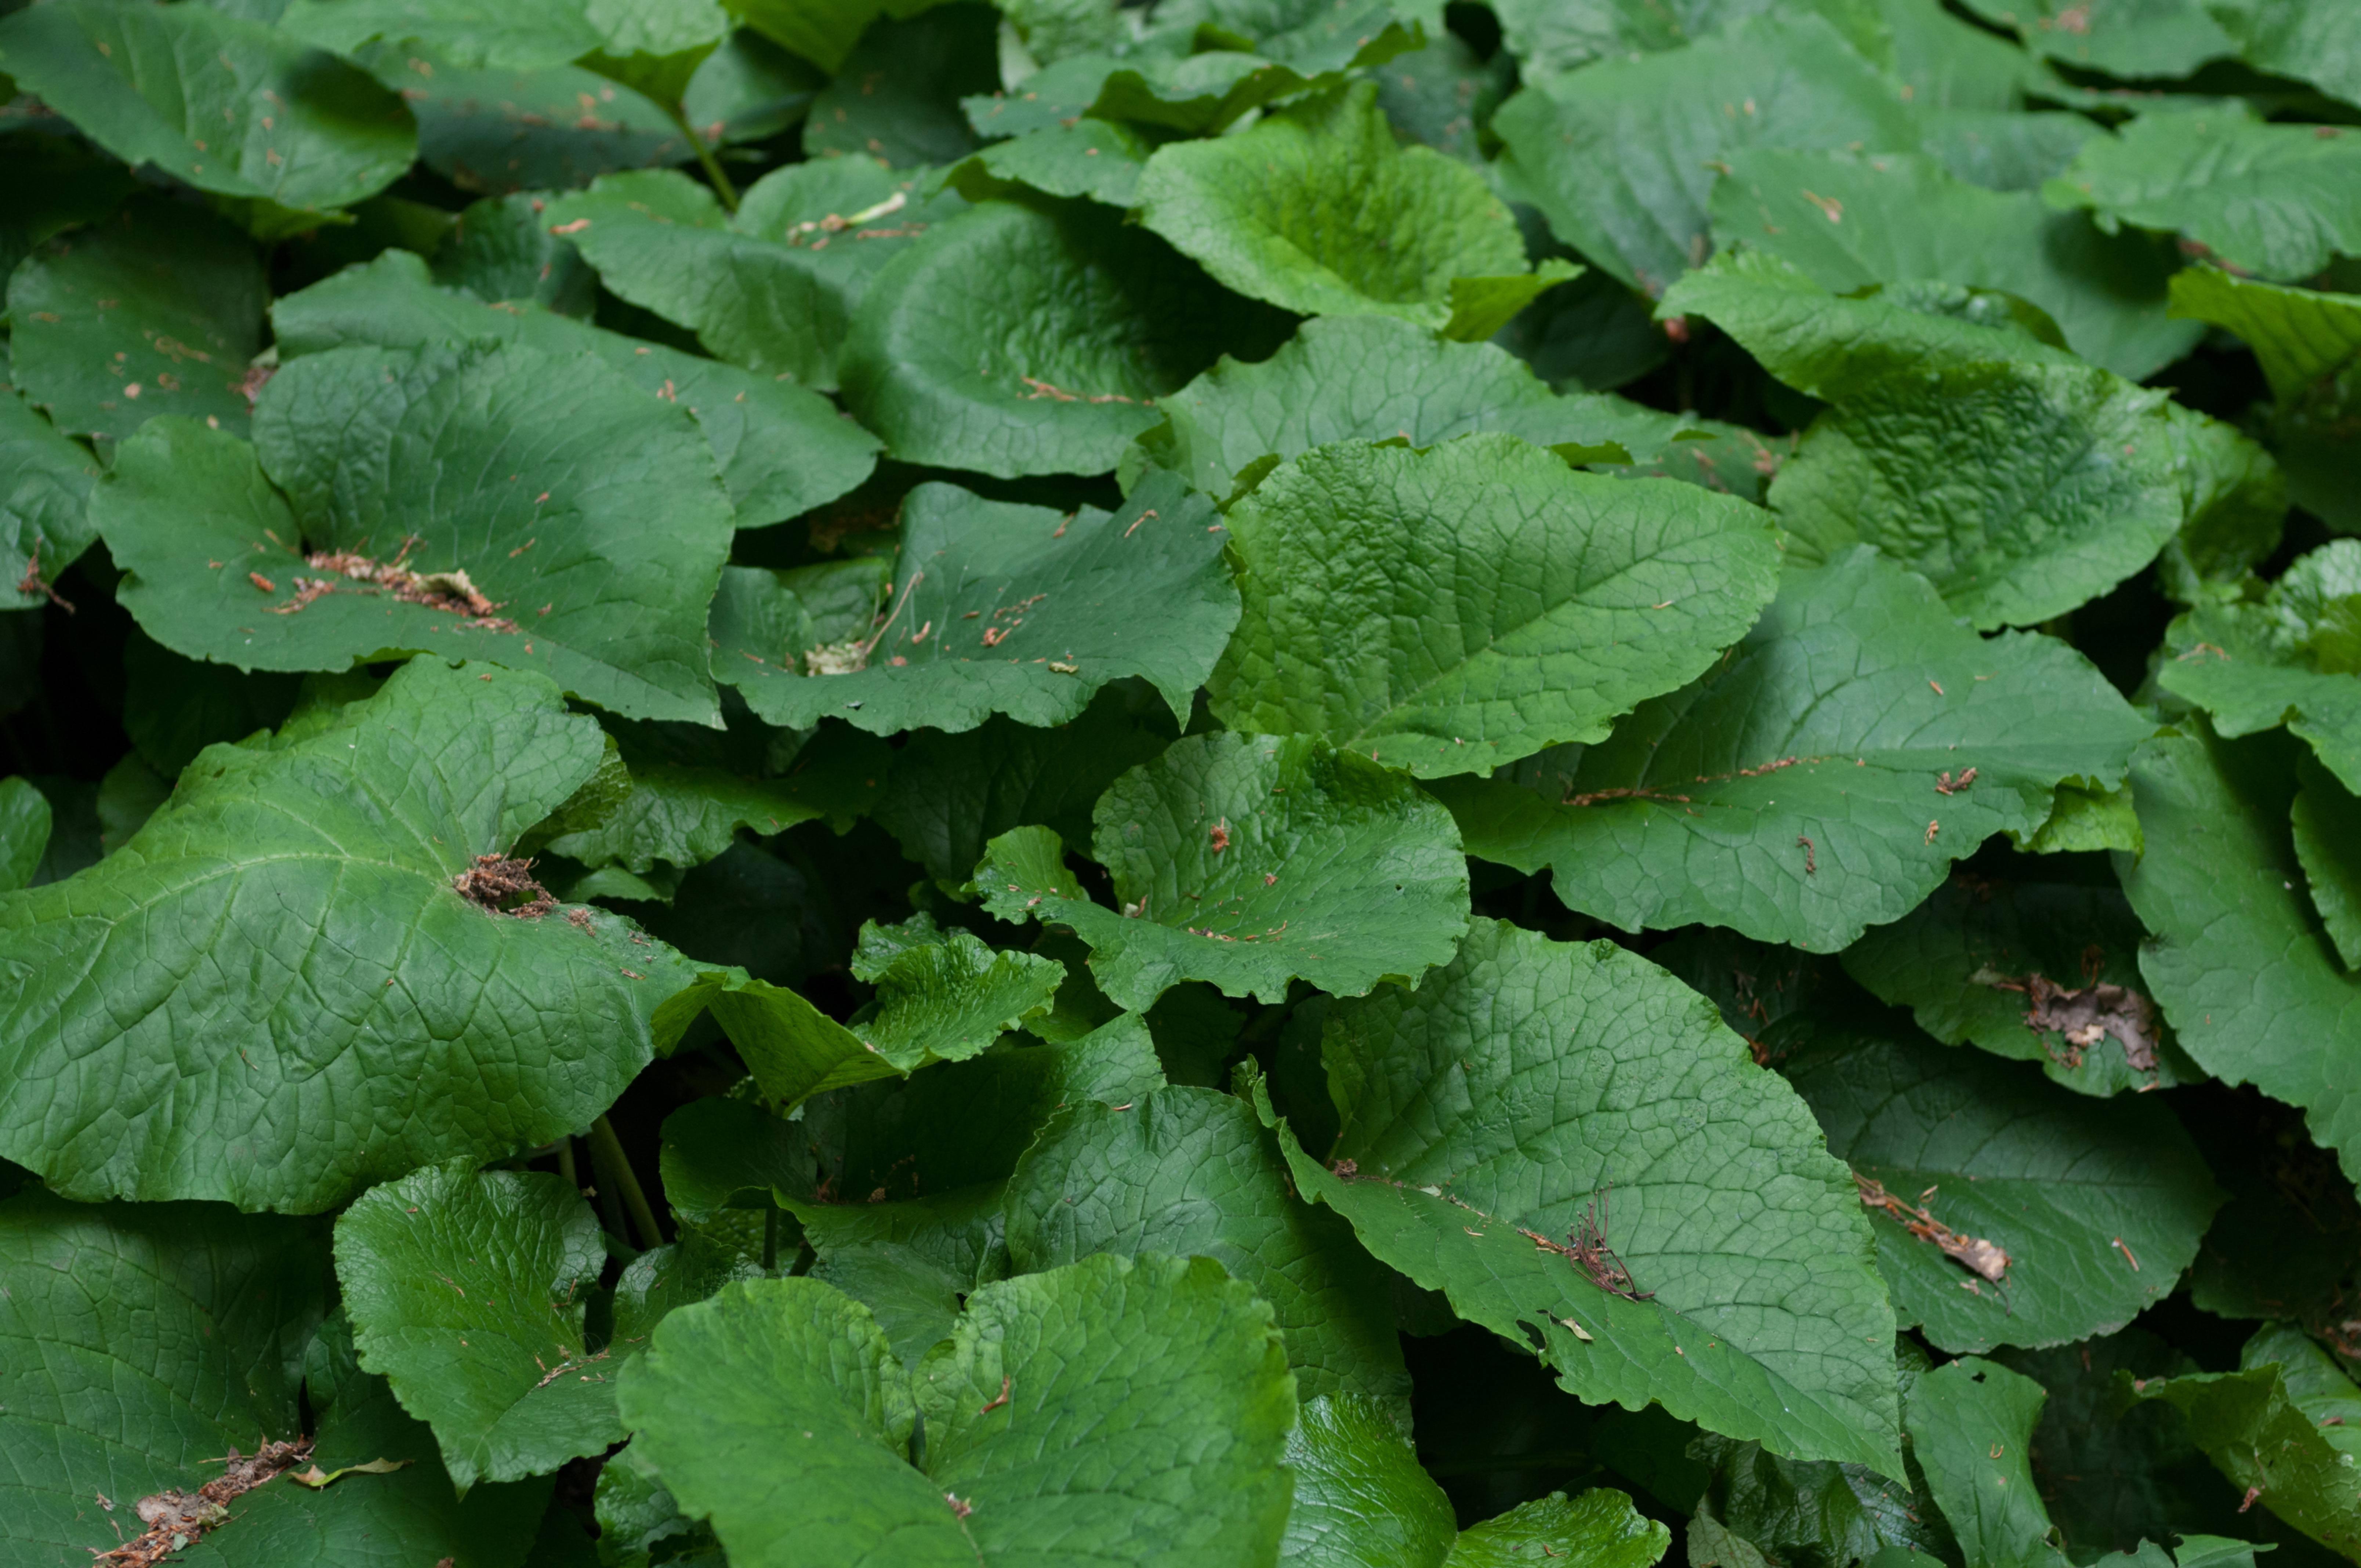 Big green leafs pattern